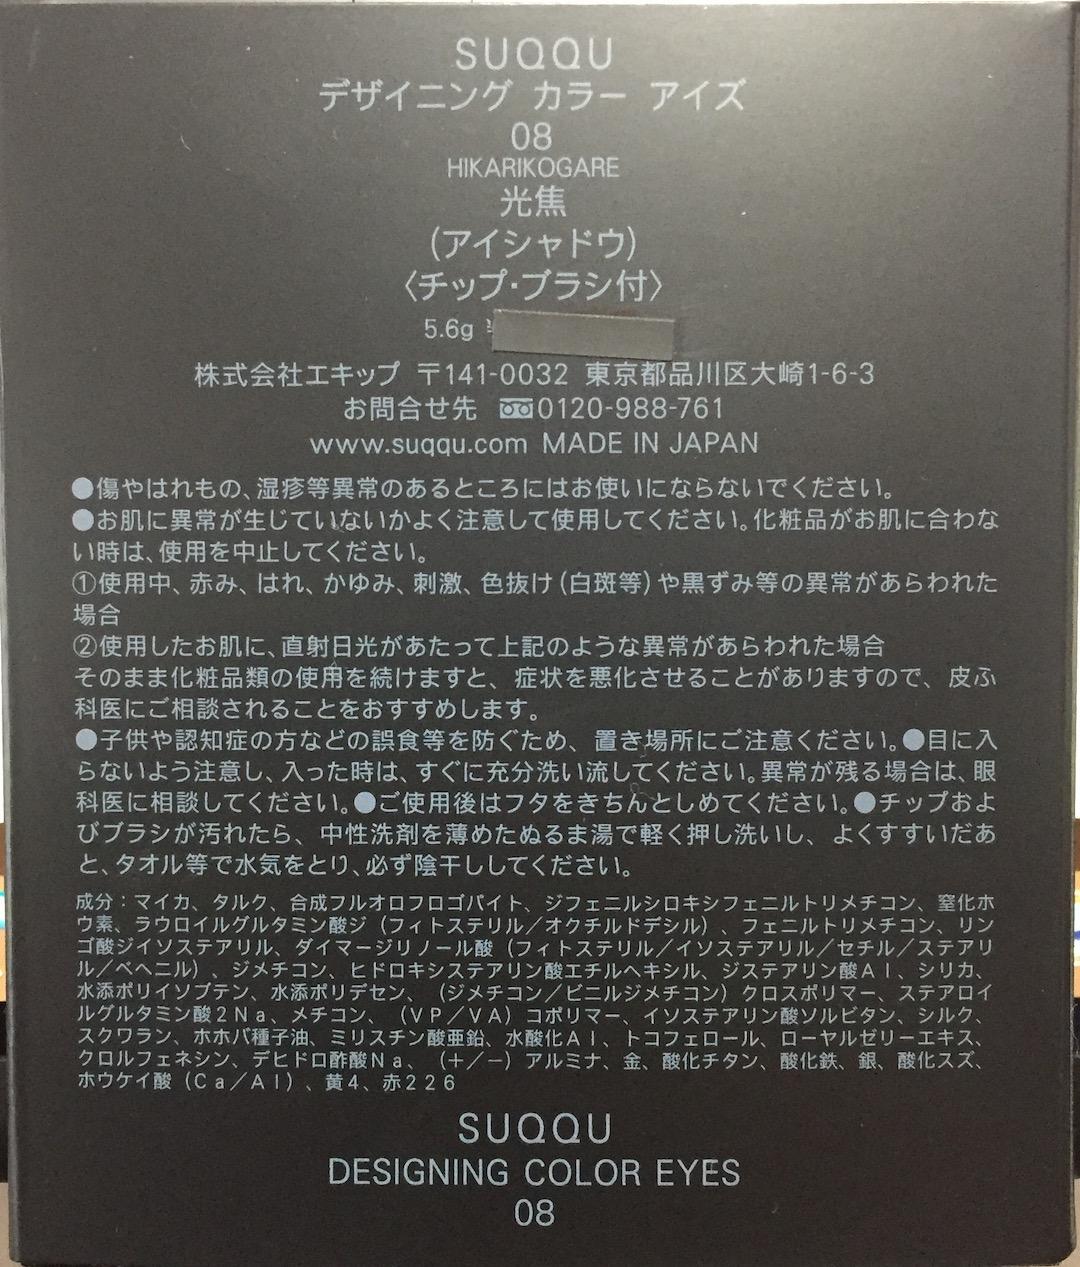 化粧品 LINE査定 SUQQUの商品名写真